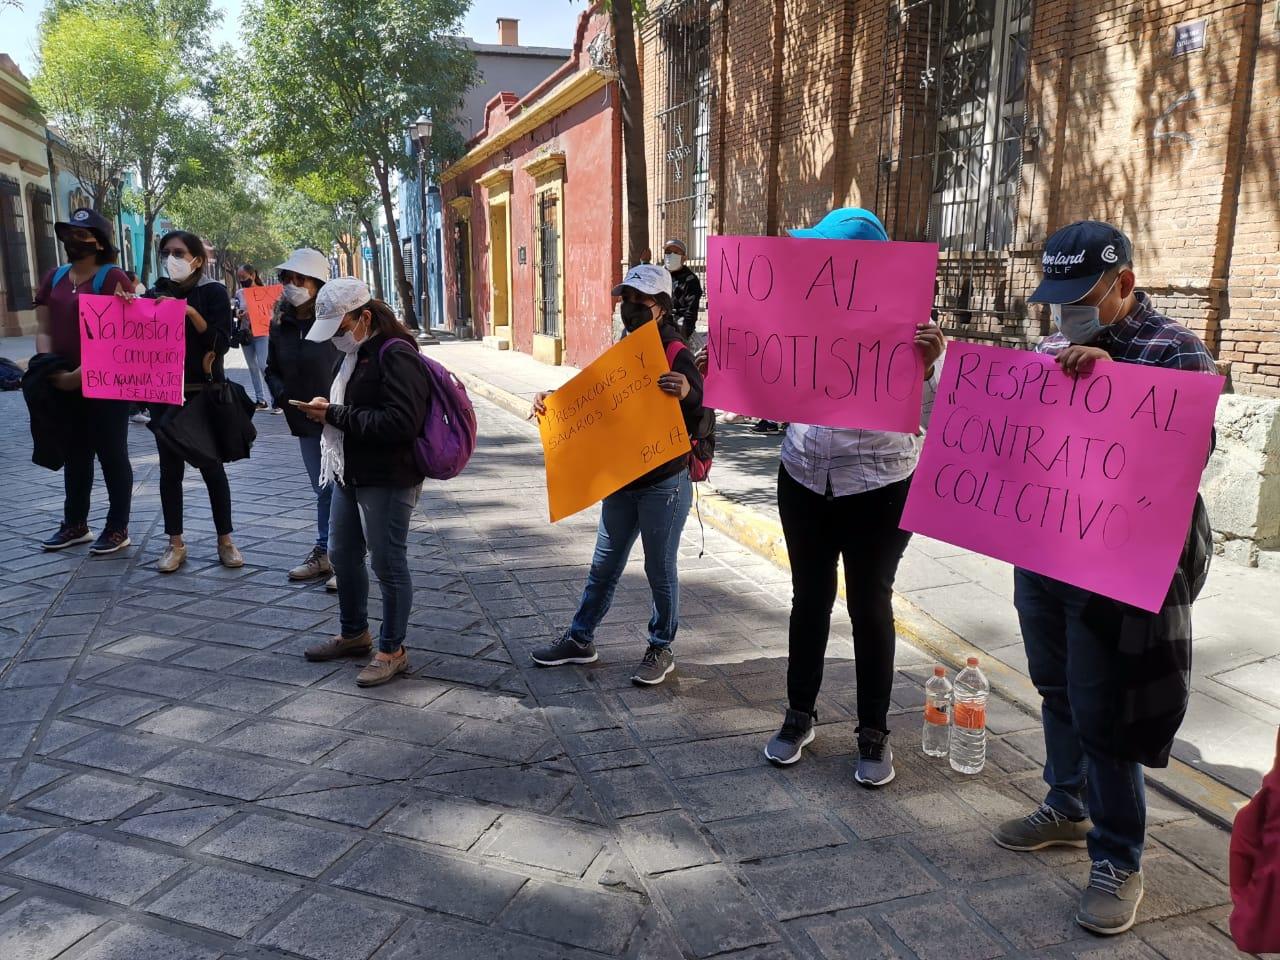 Denuncian amenazas y violencia en 5 bachilleratos comunitarios que no han podido sumarse a huelga